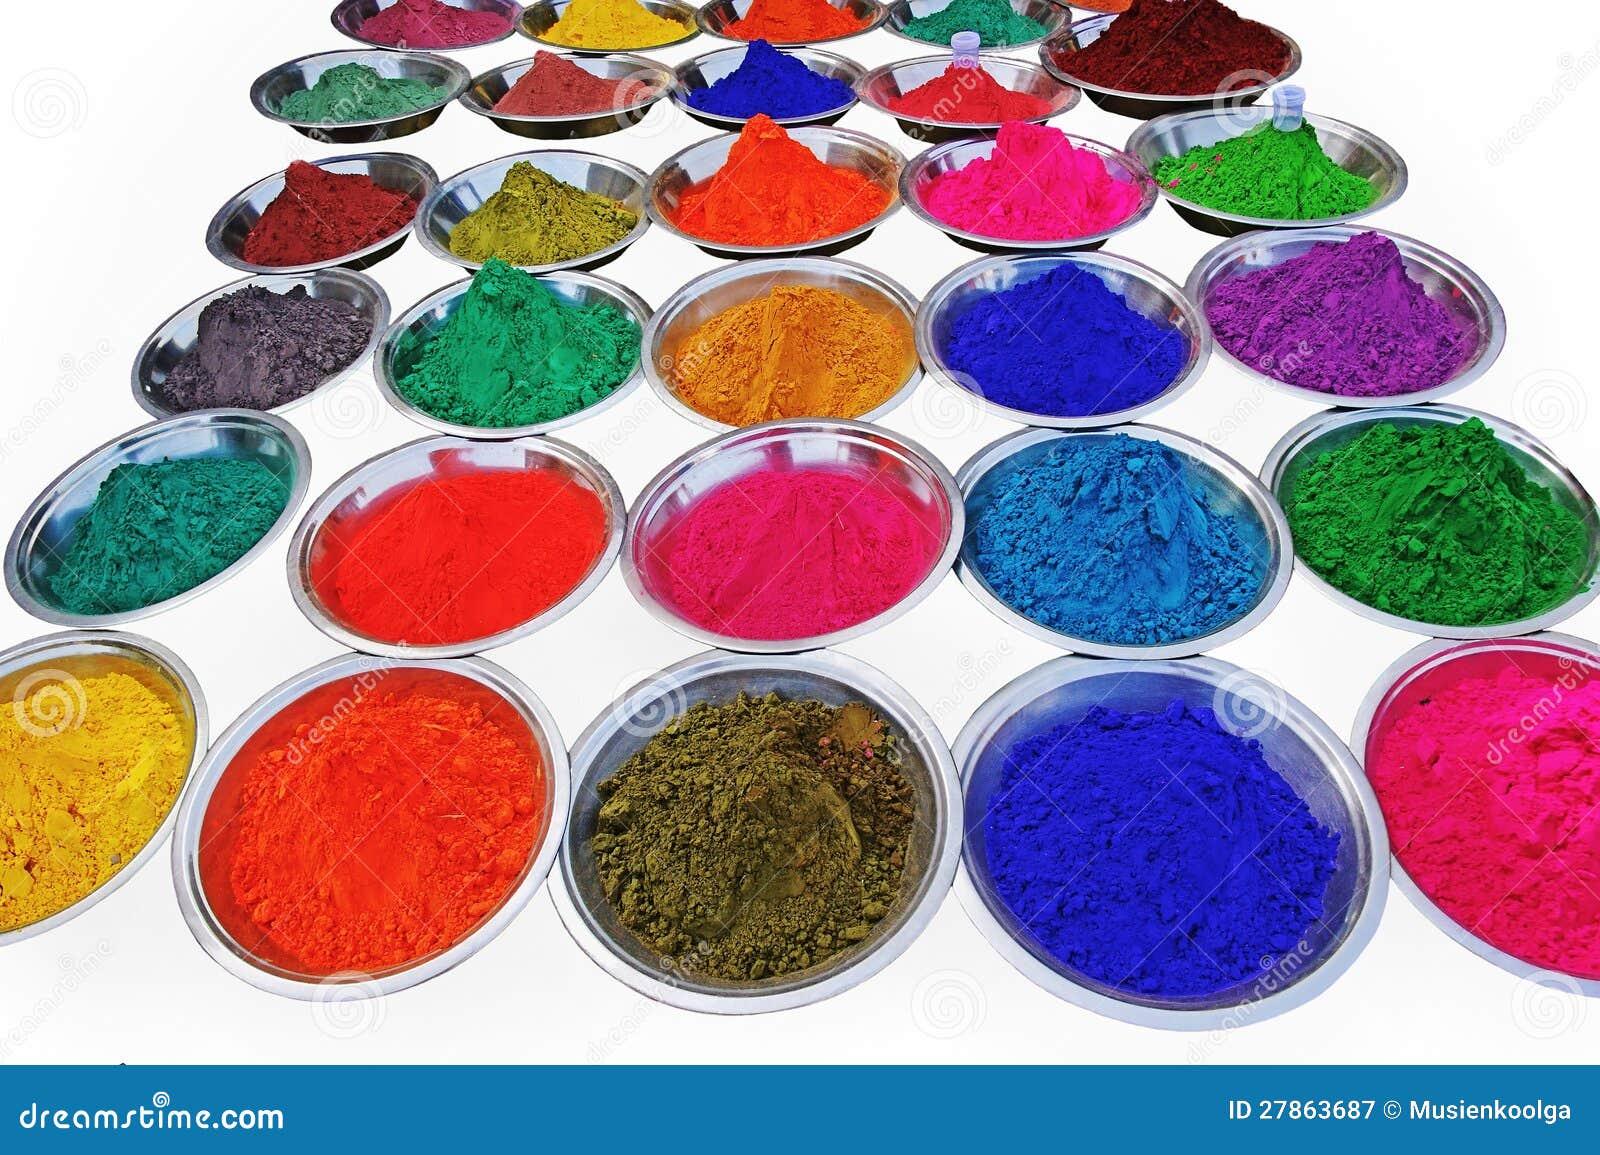 Jaskrawy suszy farbę w talerzach.